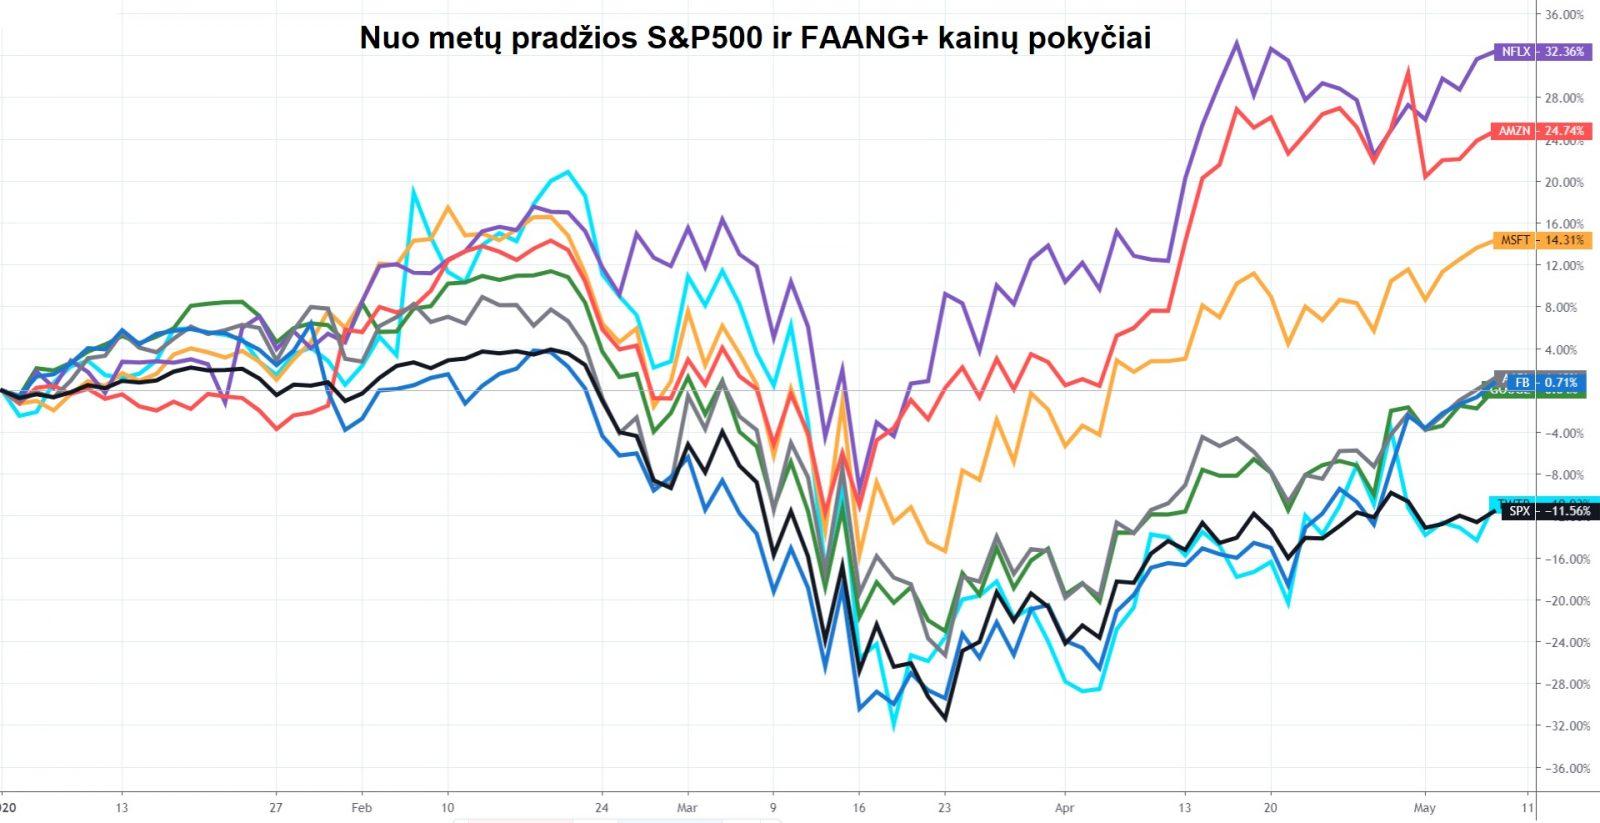 S&P500 ir FAANG+ kainų pokyčiai nuo metų pradžios